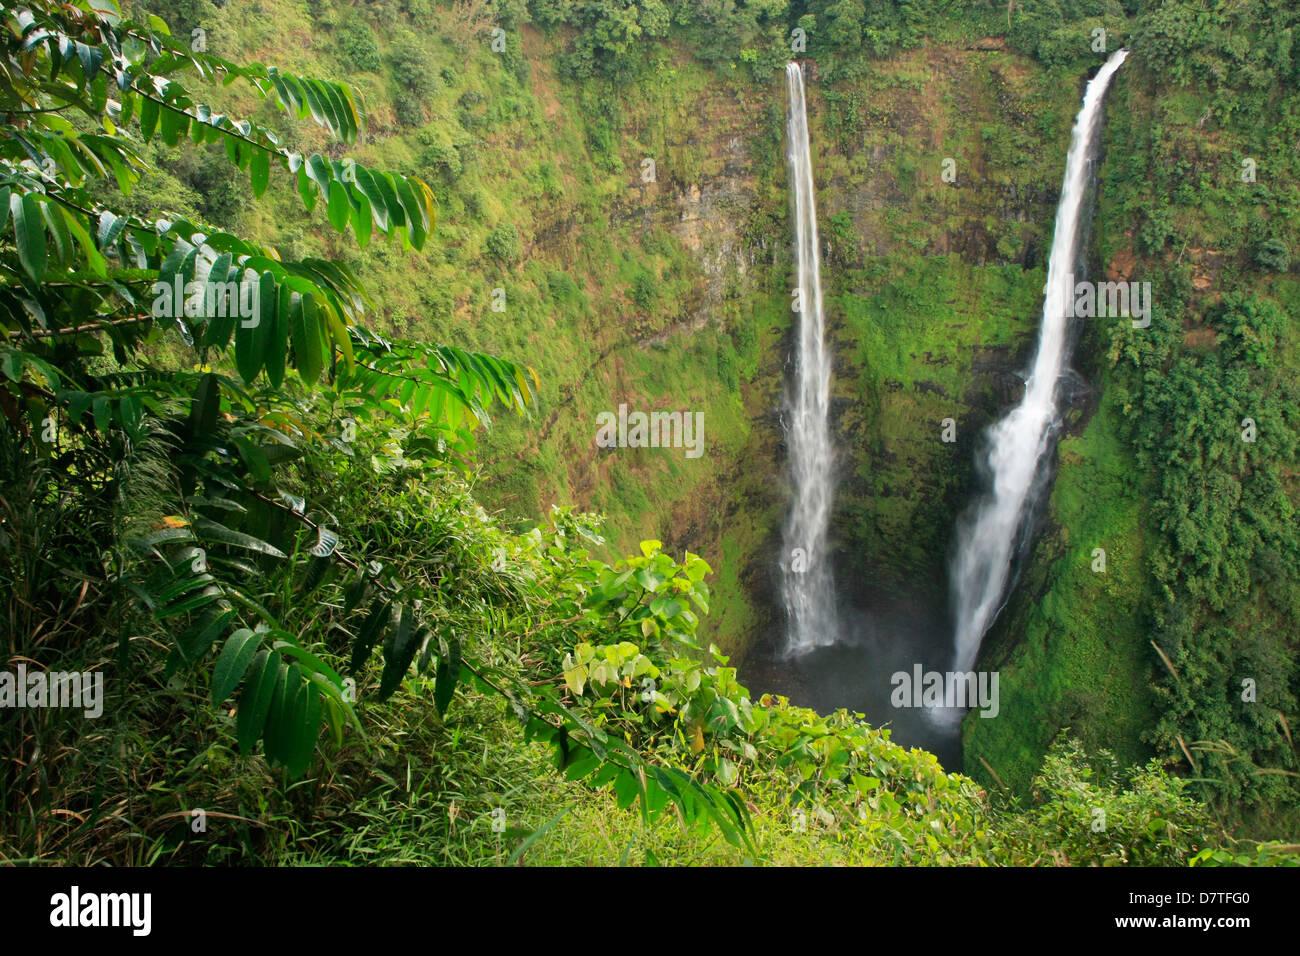 Cascade de Tad Fane, Plateau des Bolavens, Laos, Asie du sud-est Banque D'Images